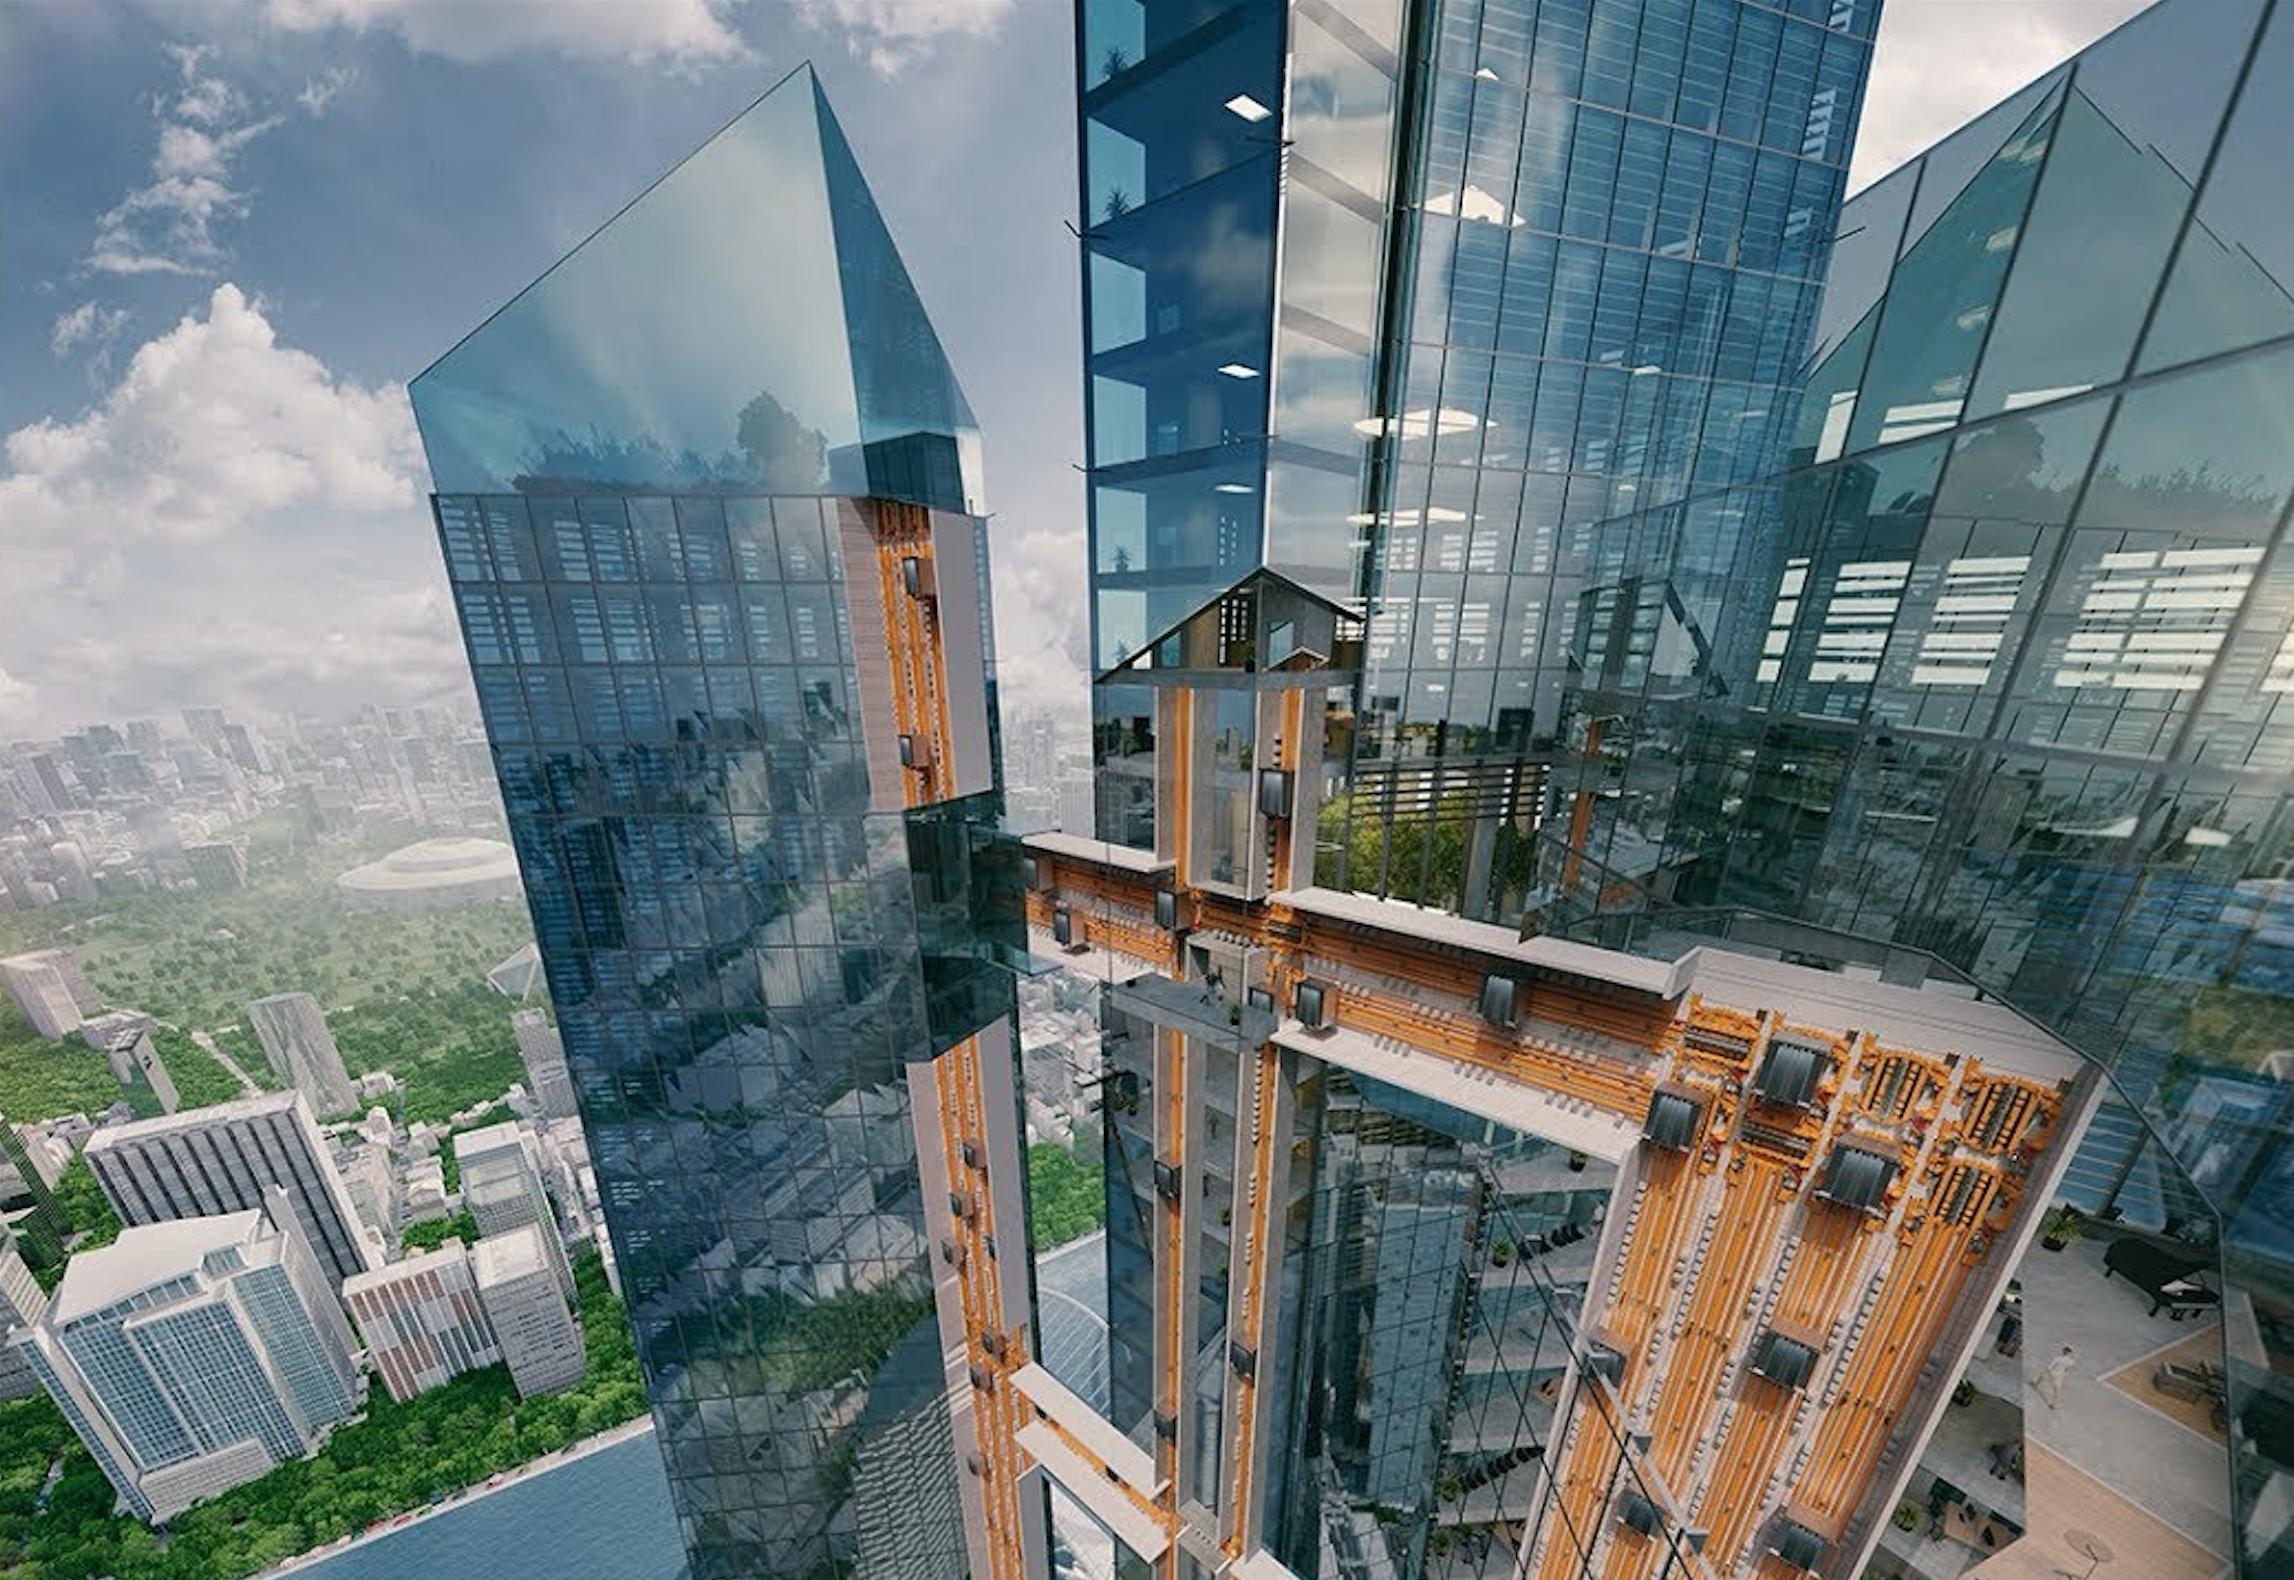 Comment l'ascenseur sans câble va révolutionner le design de gratte-ciels